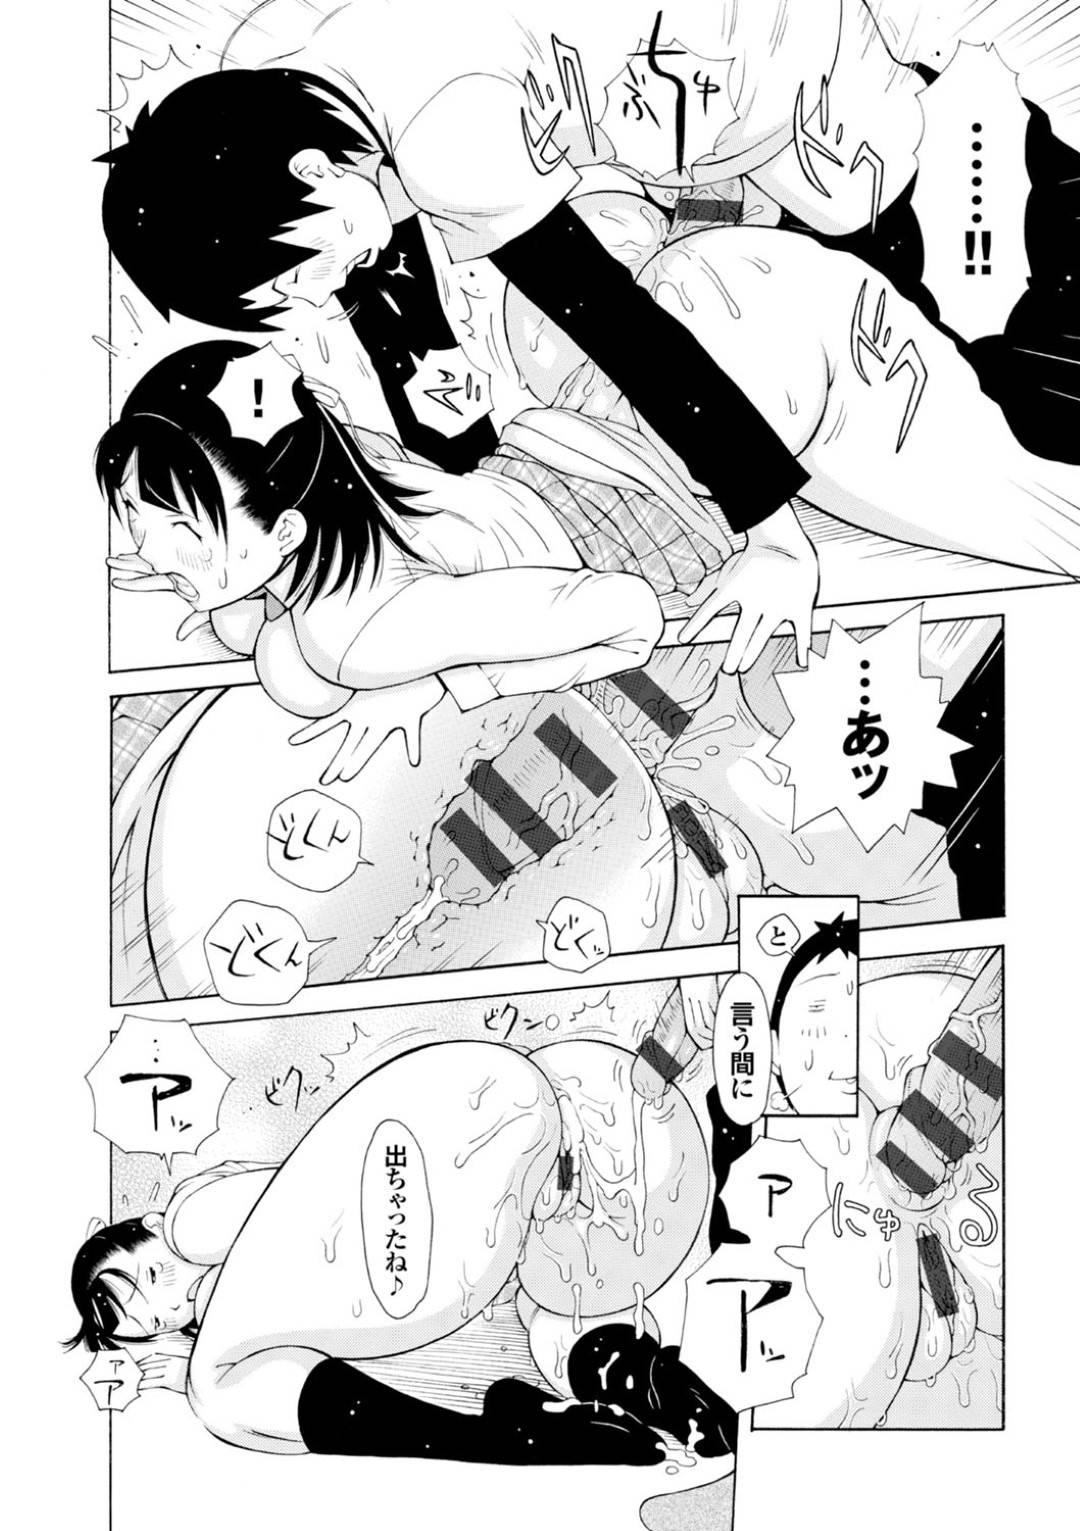 【エロ漫画】レオタードで練習していると男子が集まってしまうほど人気がある校内の爆乳アイドルJK…幼馴染が最近避ける理由が分かったため身体を好きなように触らせる!【鉄歩】